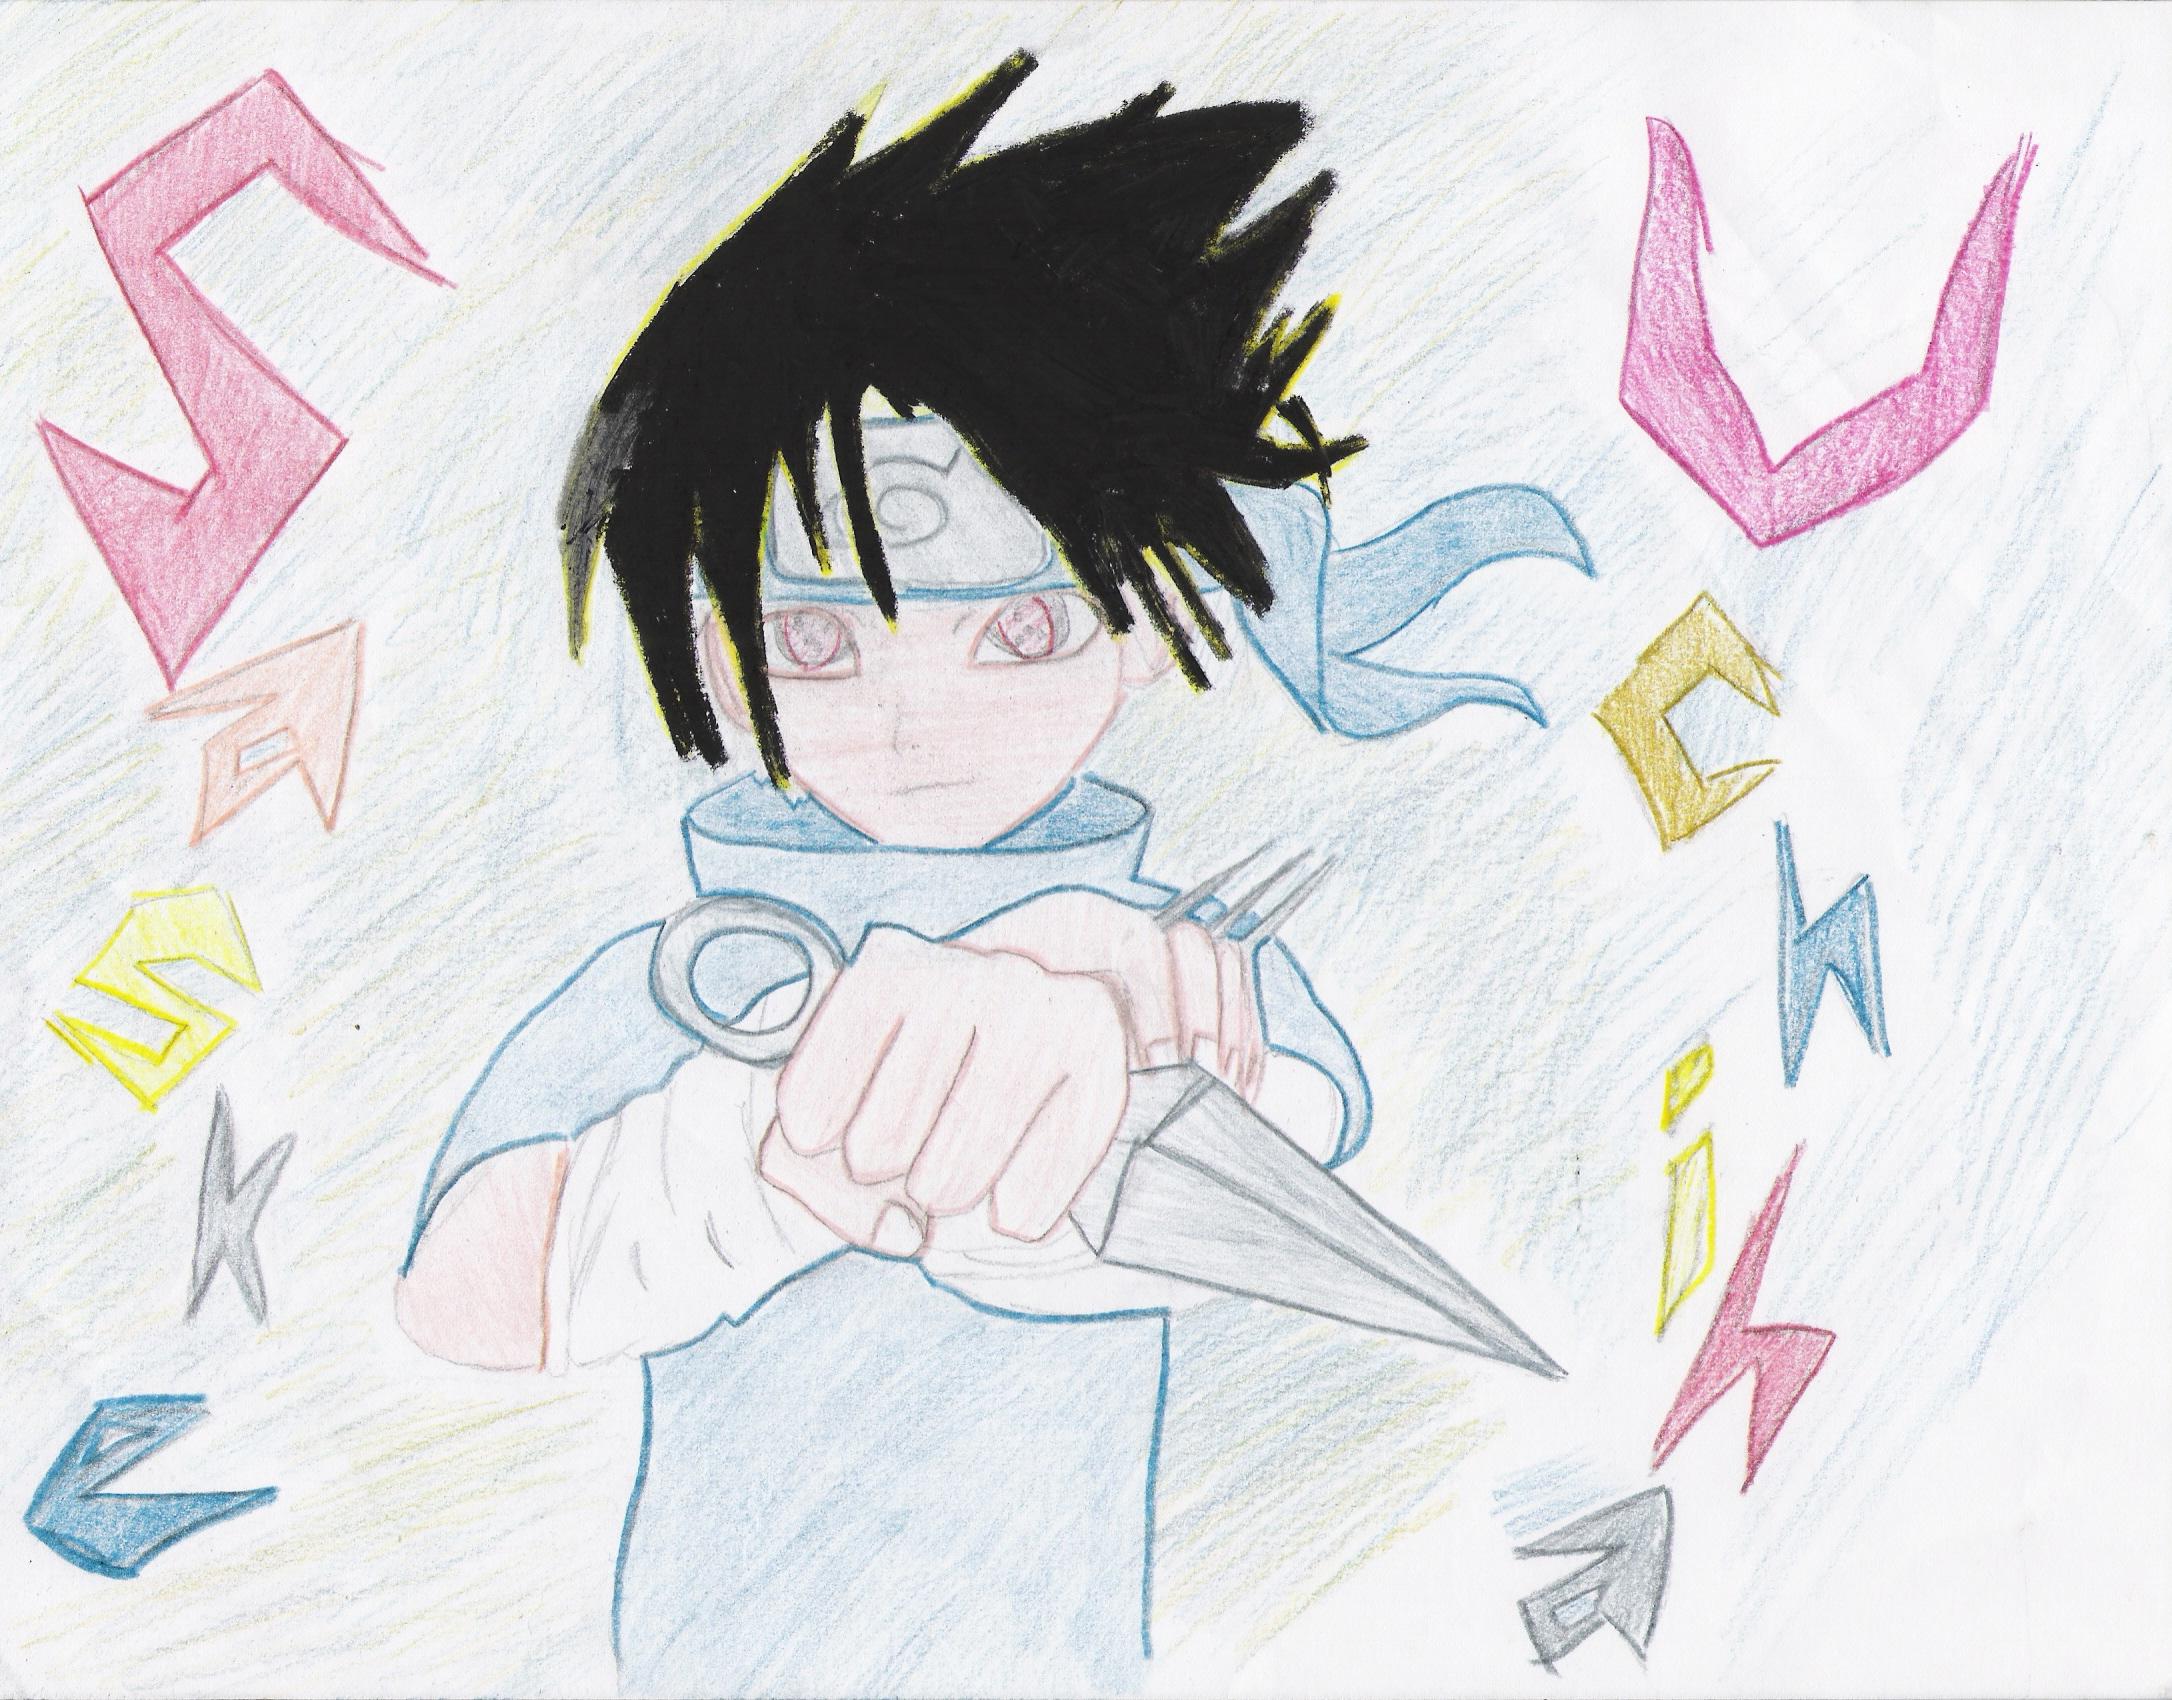 sasuke uchiha by kingupmysleeve